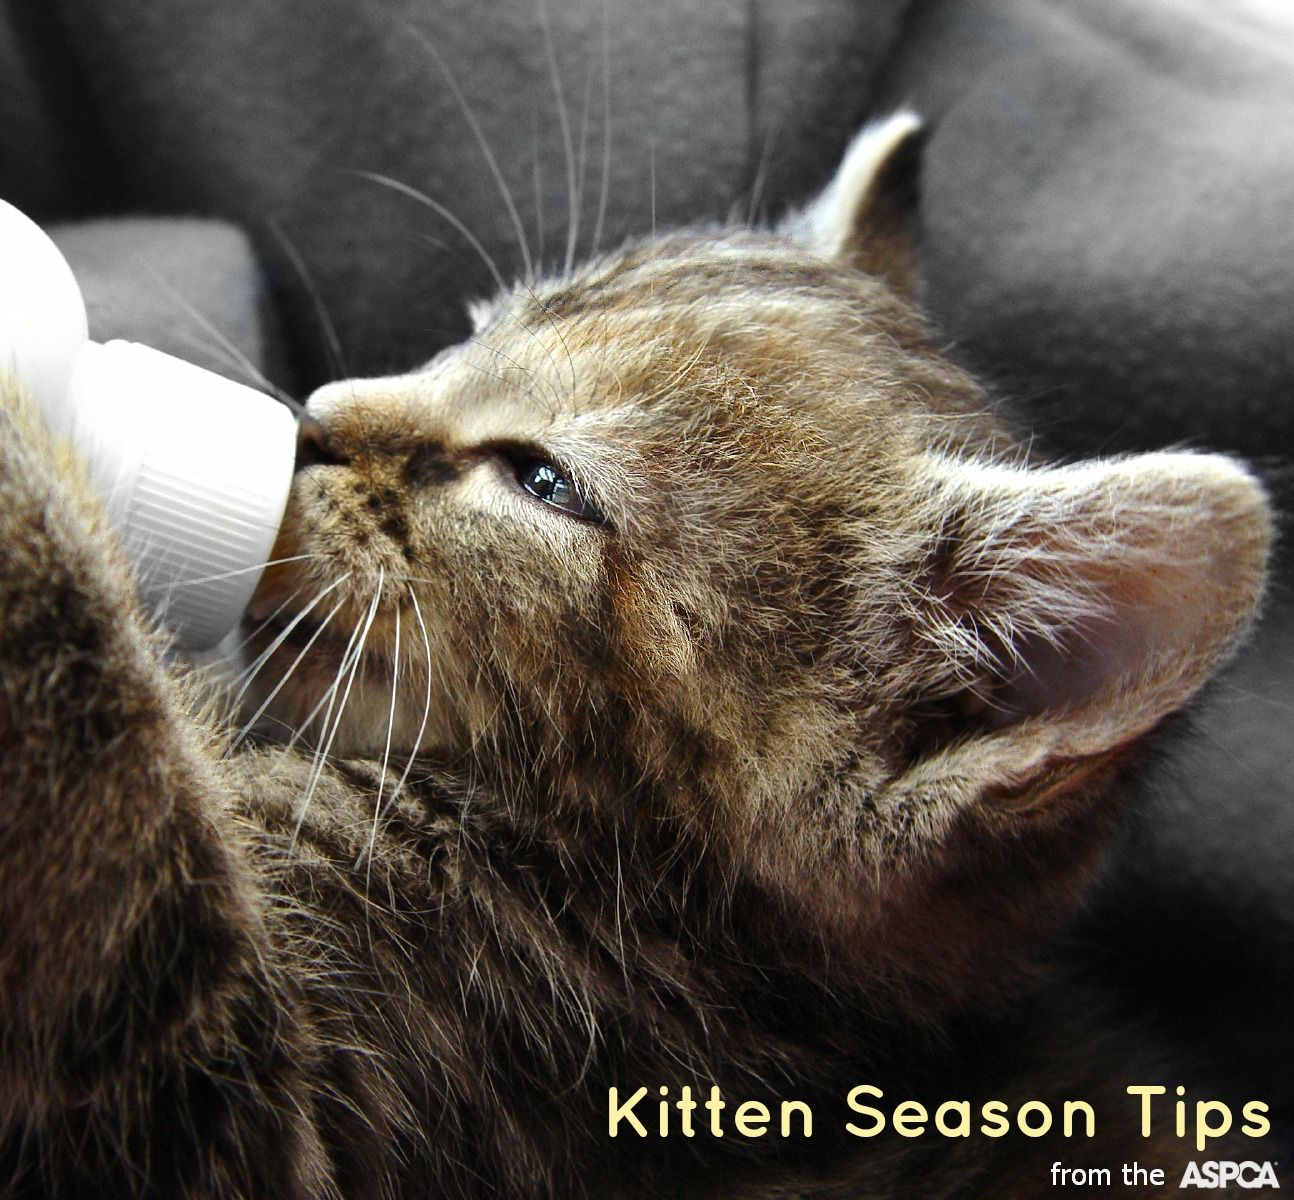 Family Pets The Ultimate Immune System Boosters For Children Newborn Kittens Kitten Season Kitten Care